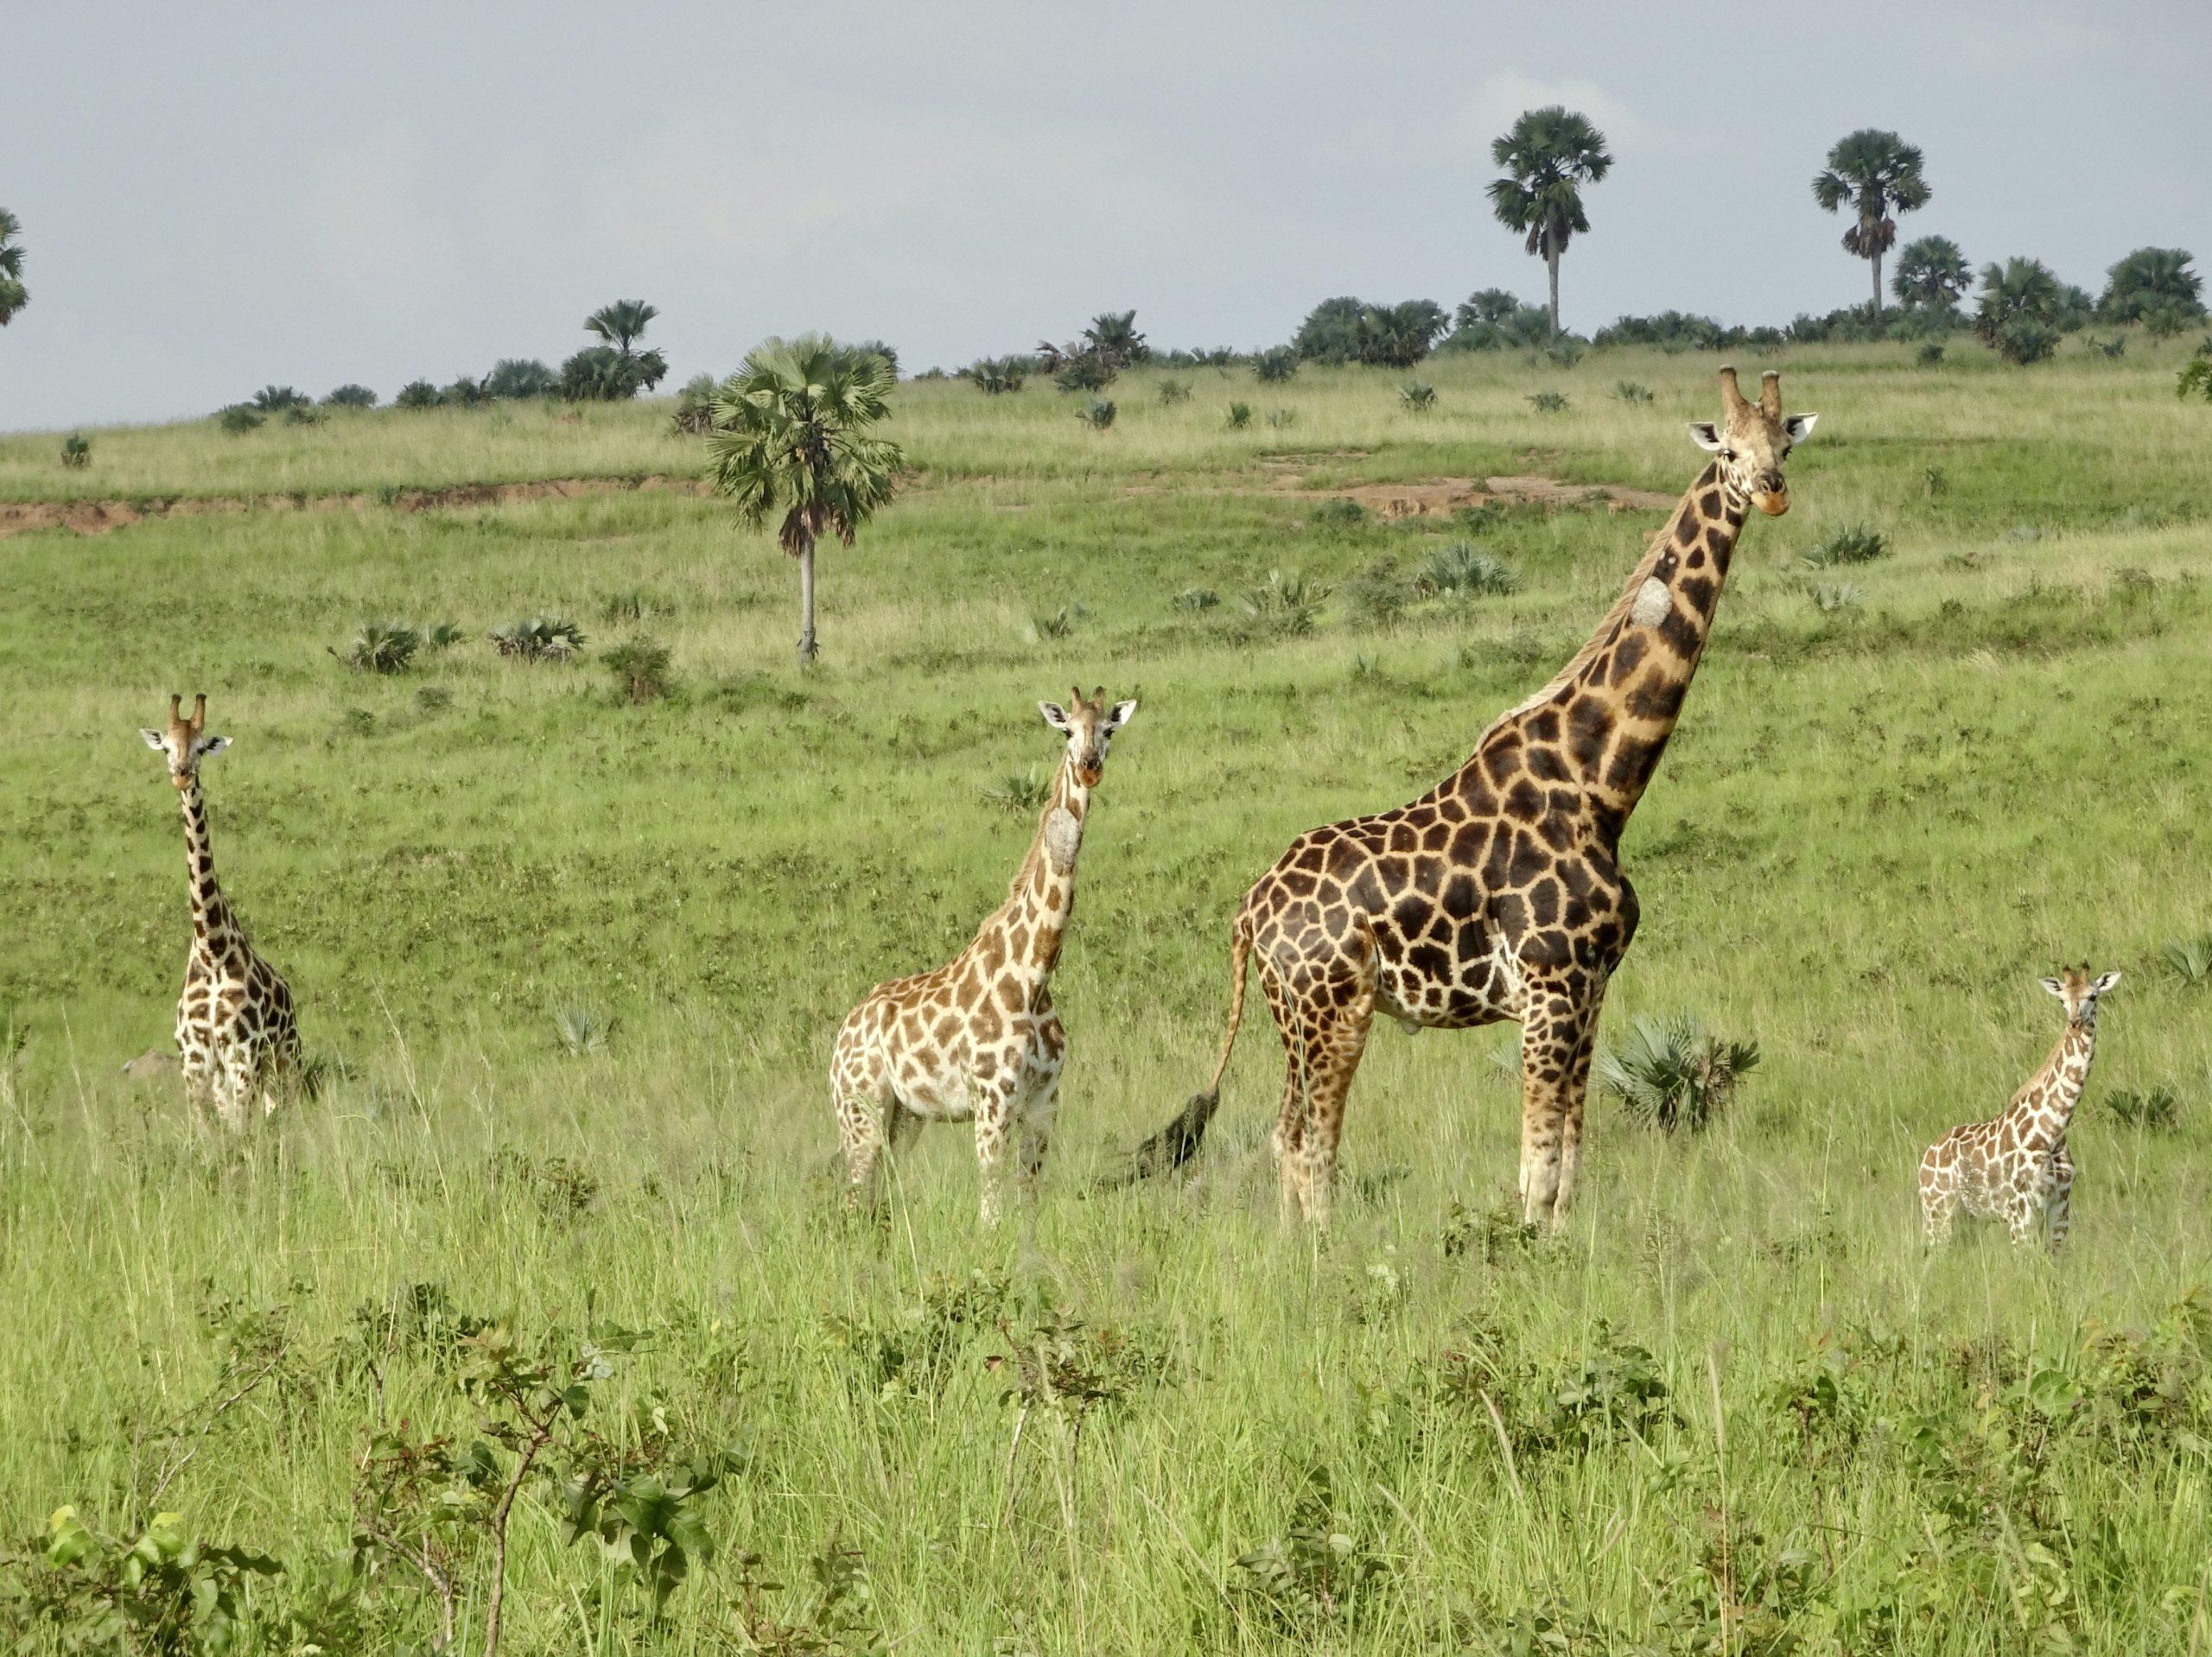 Verbaasde blikken van giraffes naar twee mzungu's met scooters